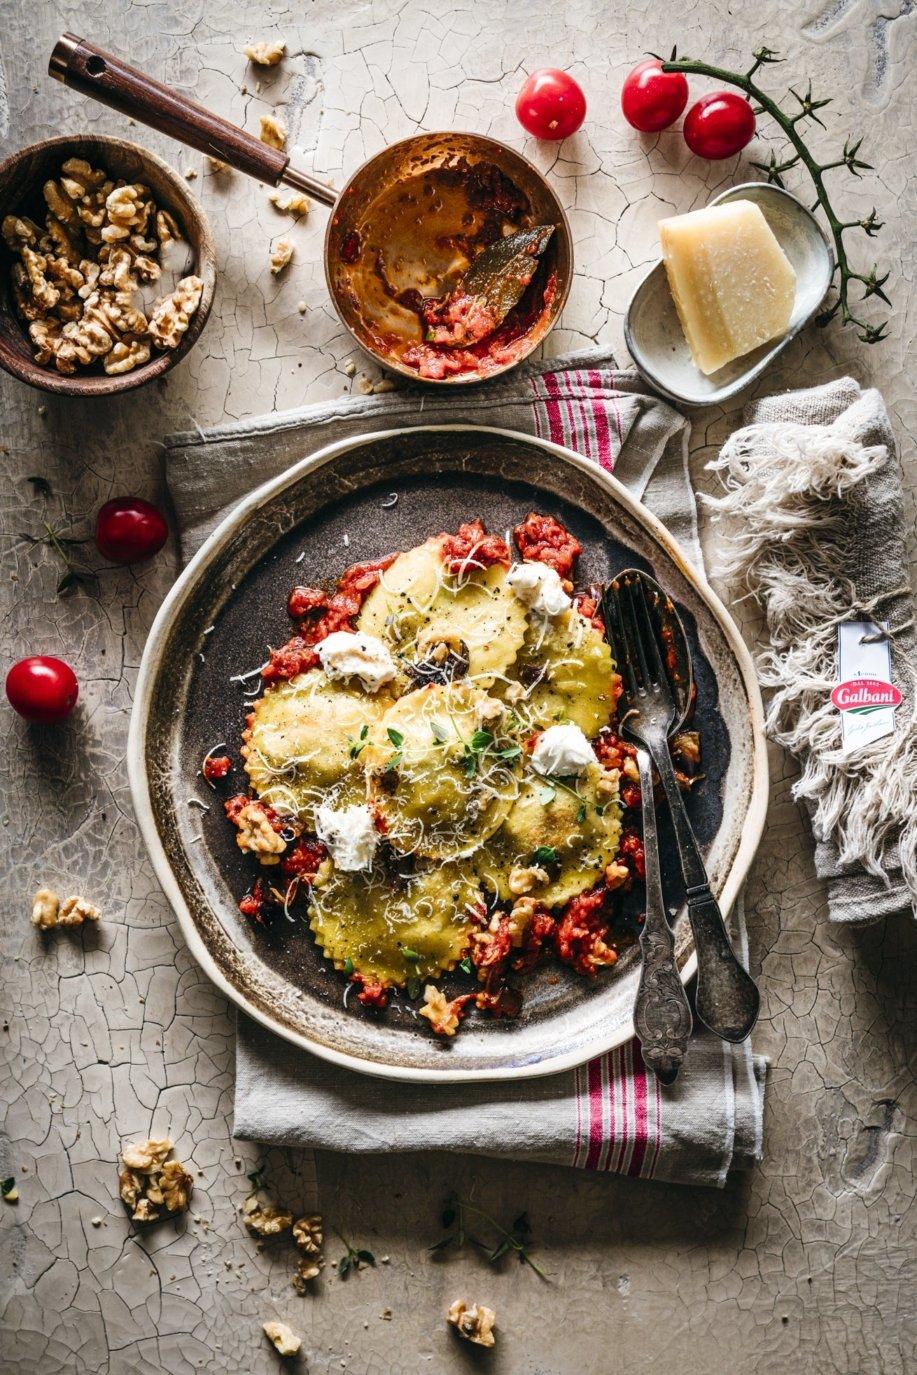 Selbstgemachte Ravioli mit Auberginen Walnuss Füllung